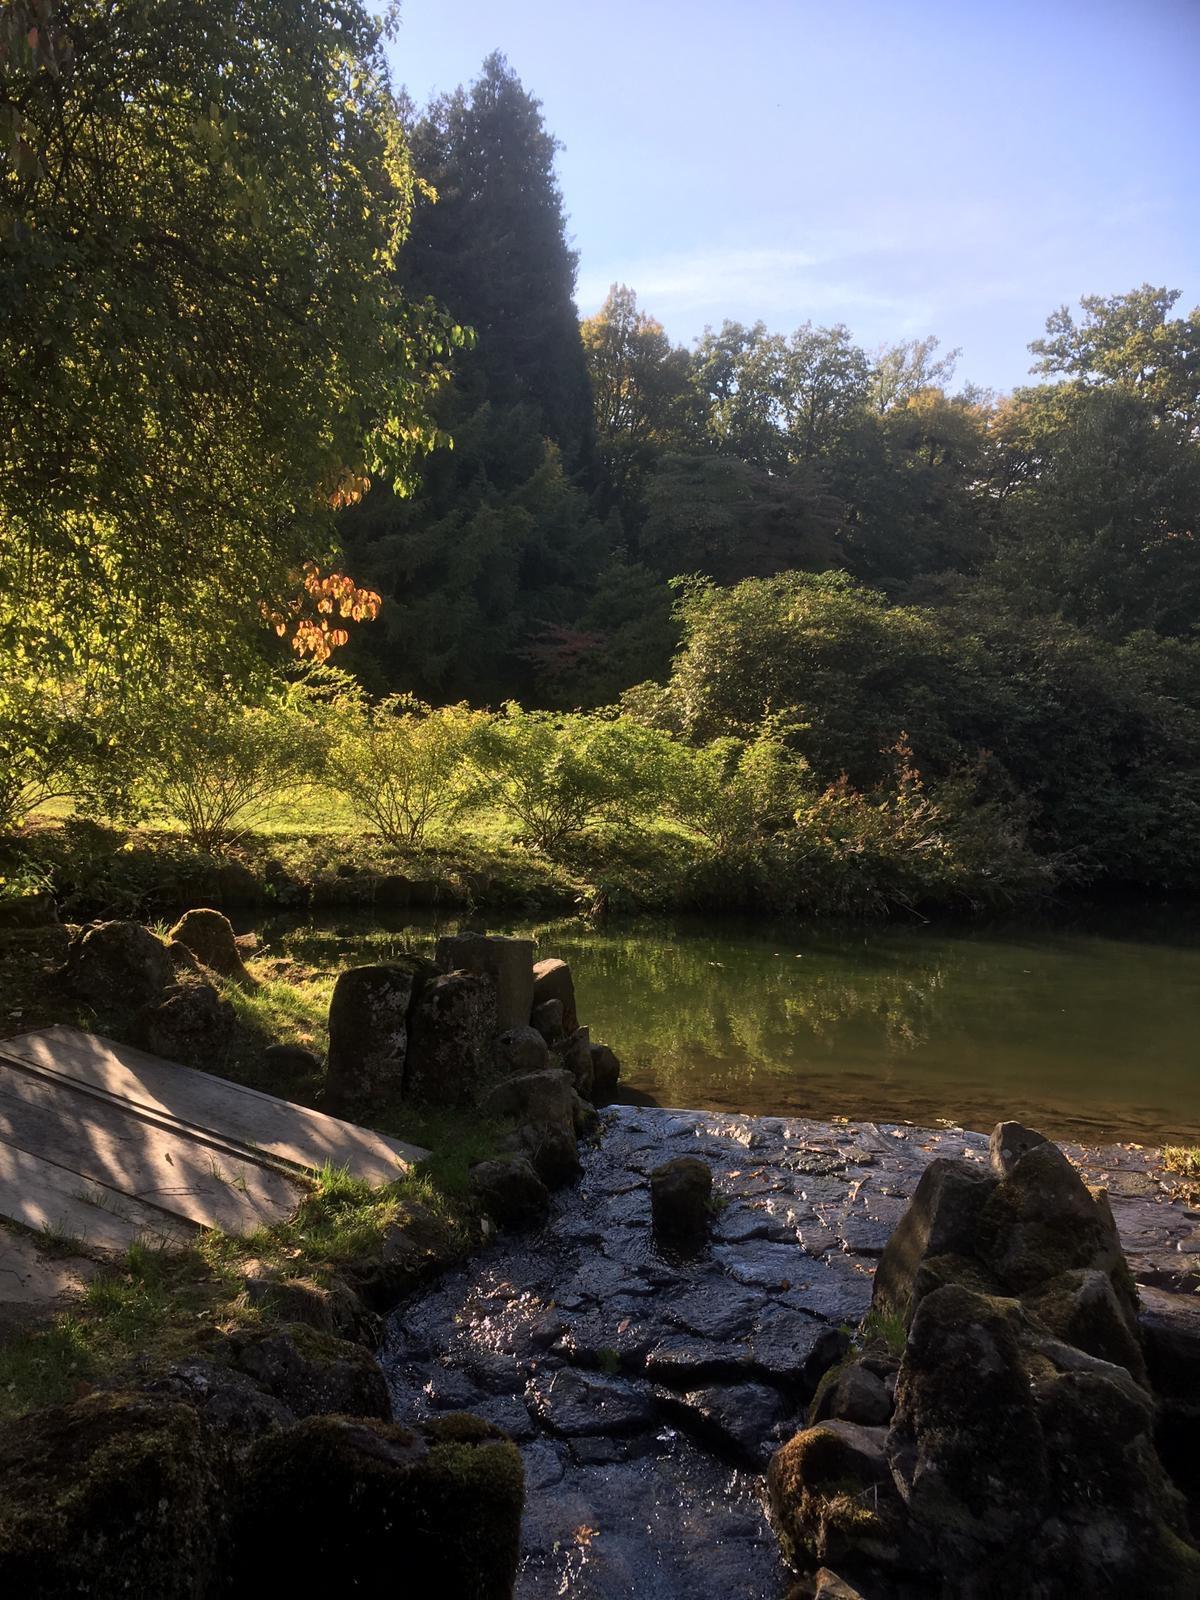 Sonne scheint im Bergpark Wilhelmshöhe auf Pflanzen und einen kleinen Wasserfall